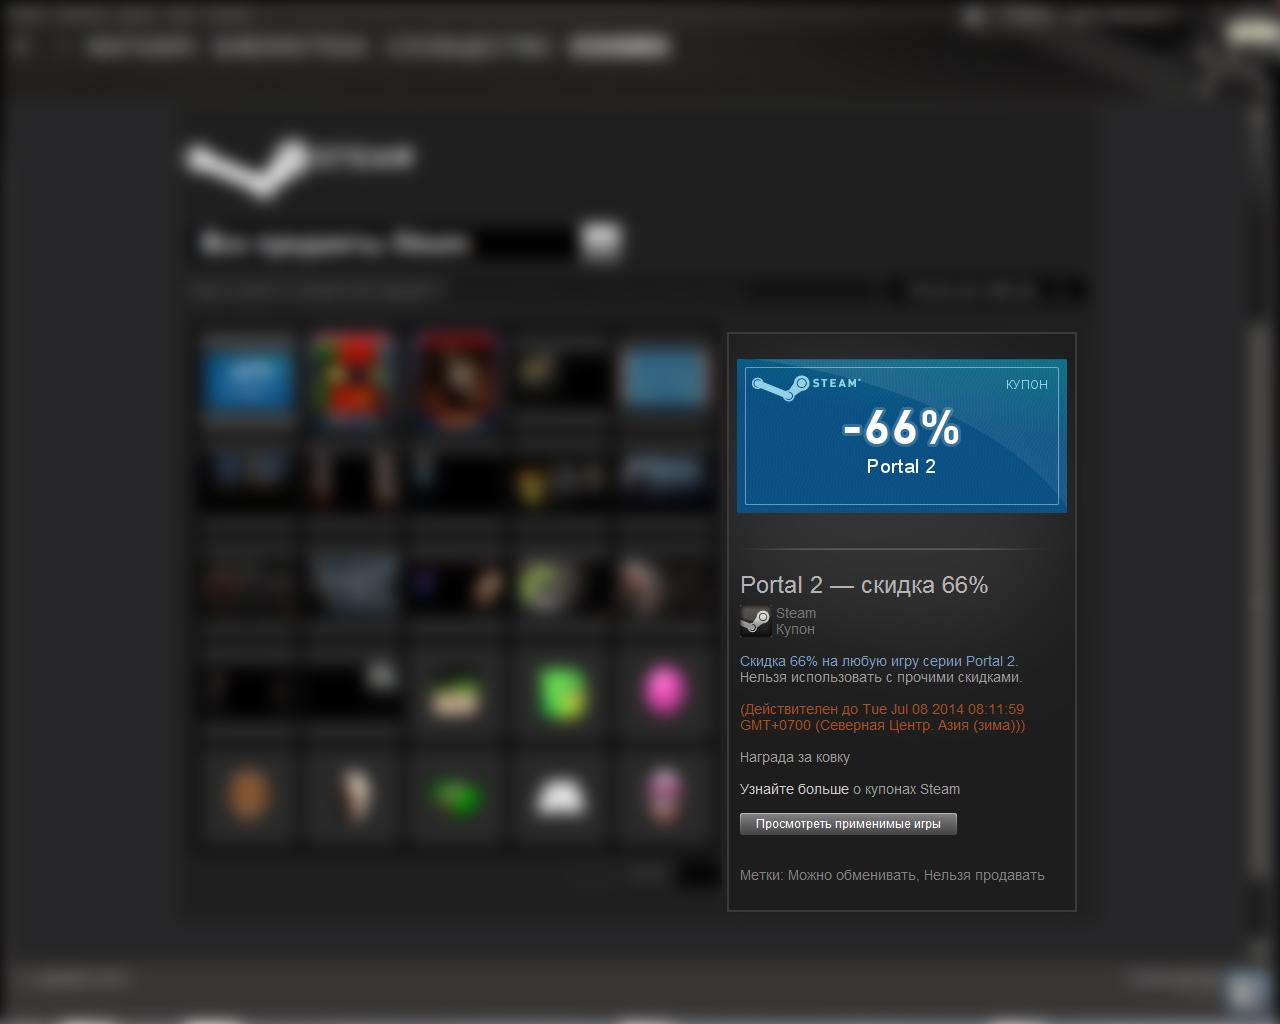 """����� """"������ -66% [STEAM]"""""""